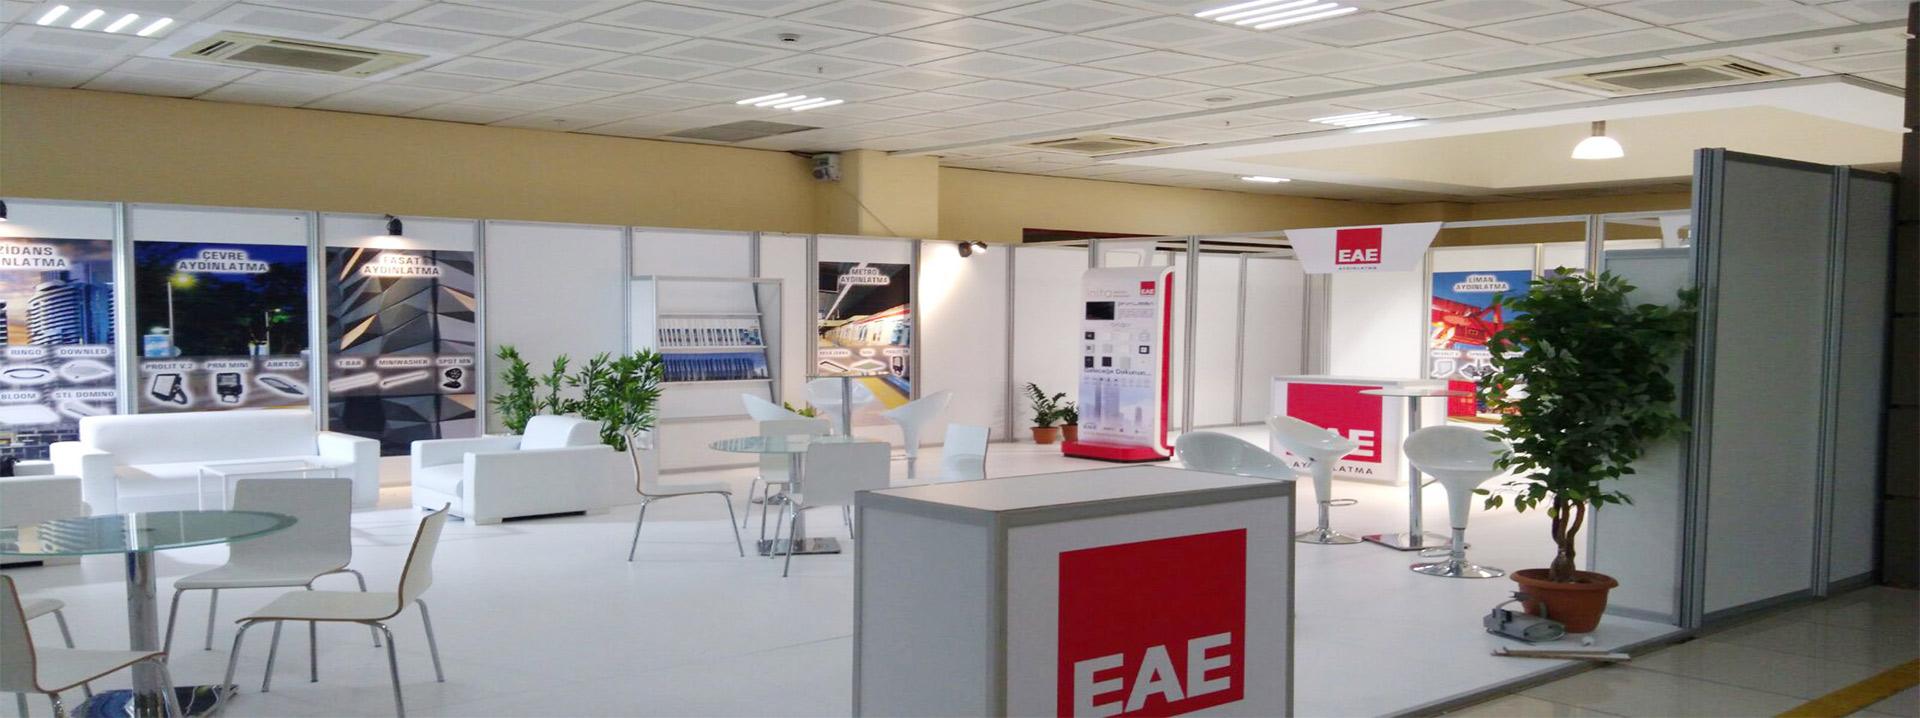 EAE Technology